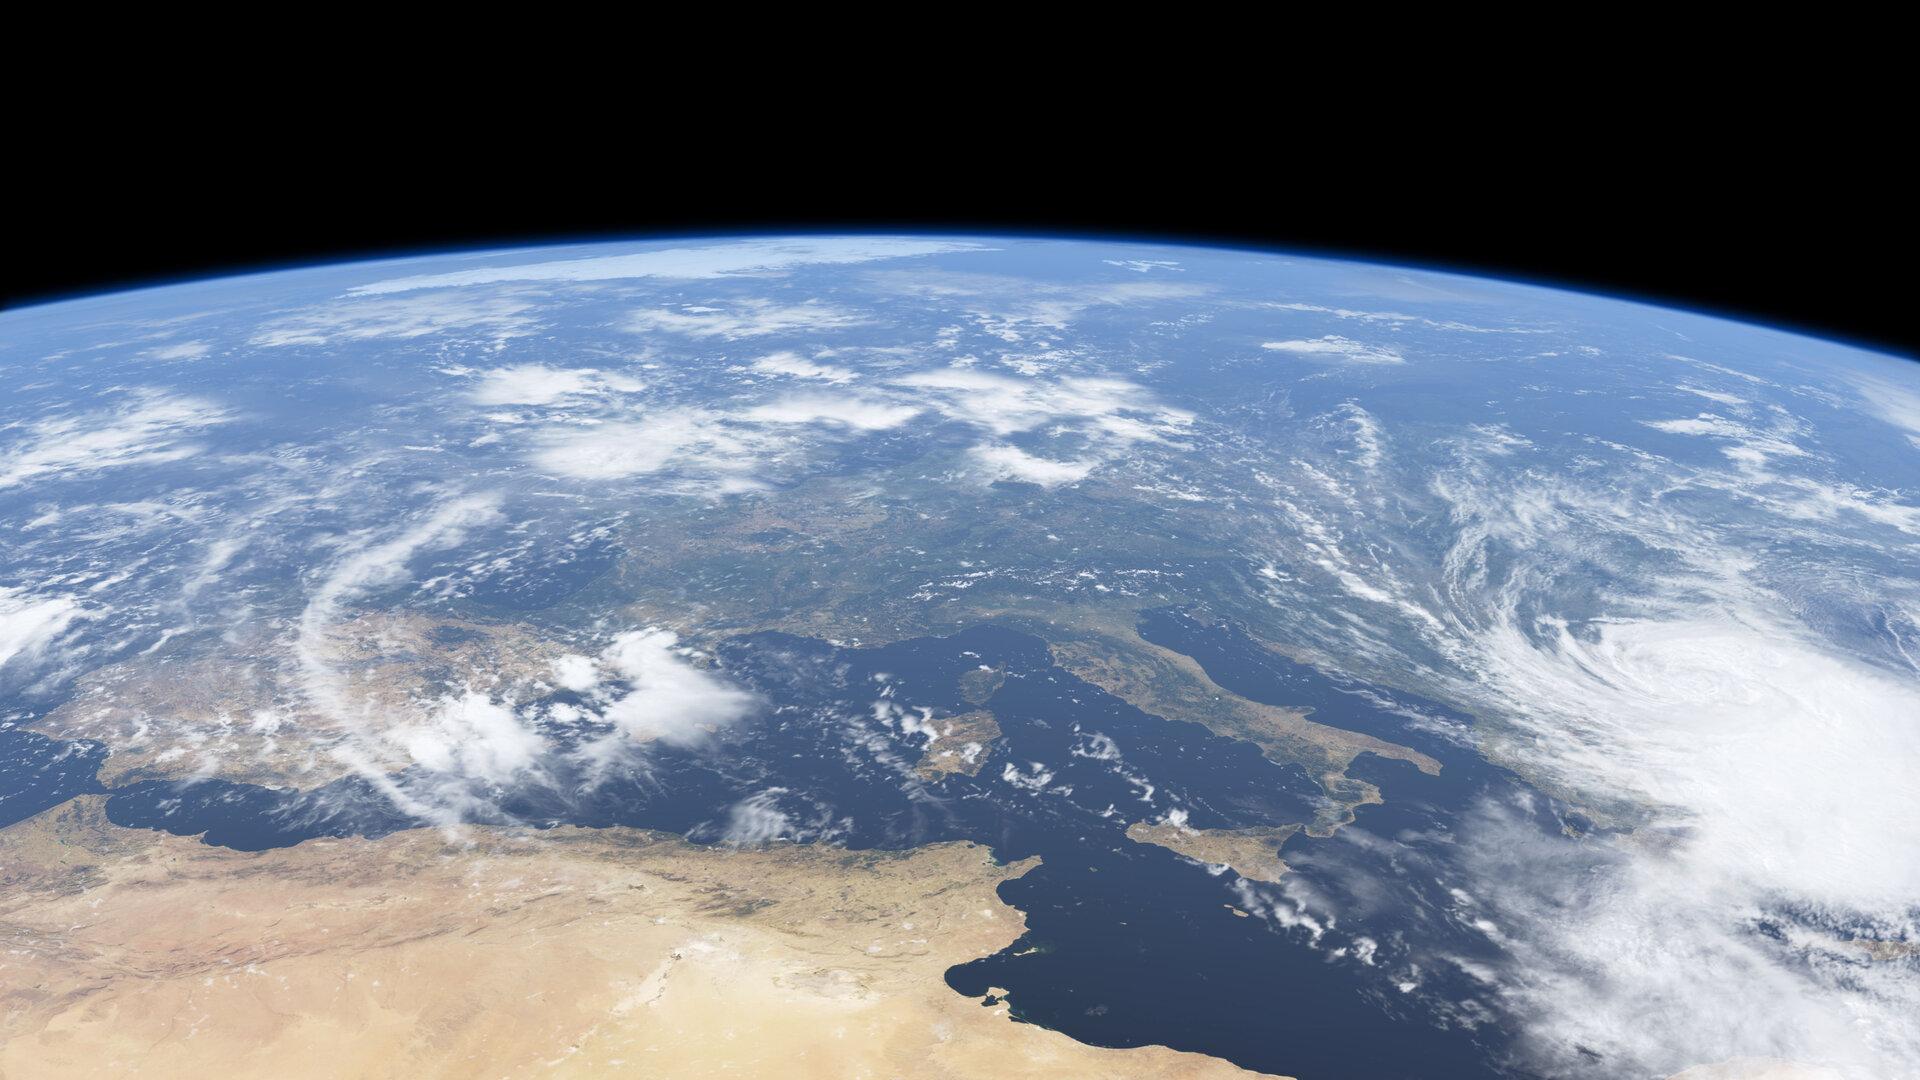 Sistemi, Servizi e Applicazioni spaziali a sostegno delle grandi infrastrutture nazionali